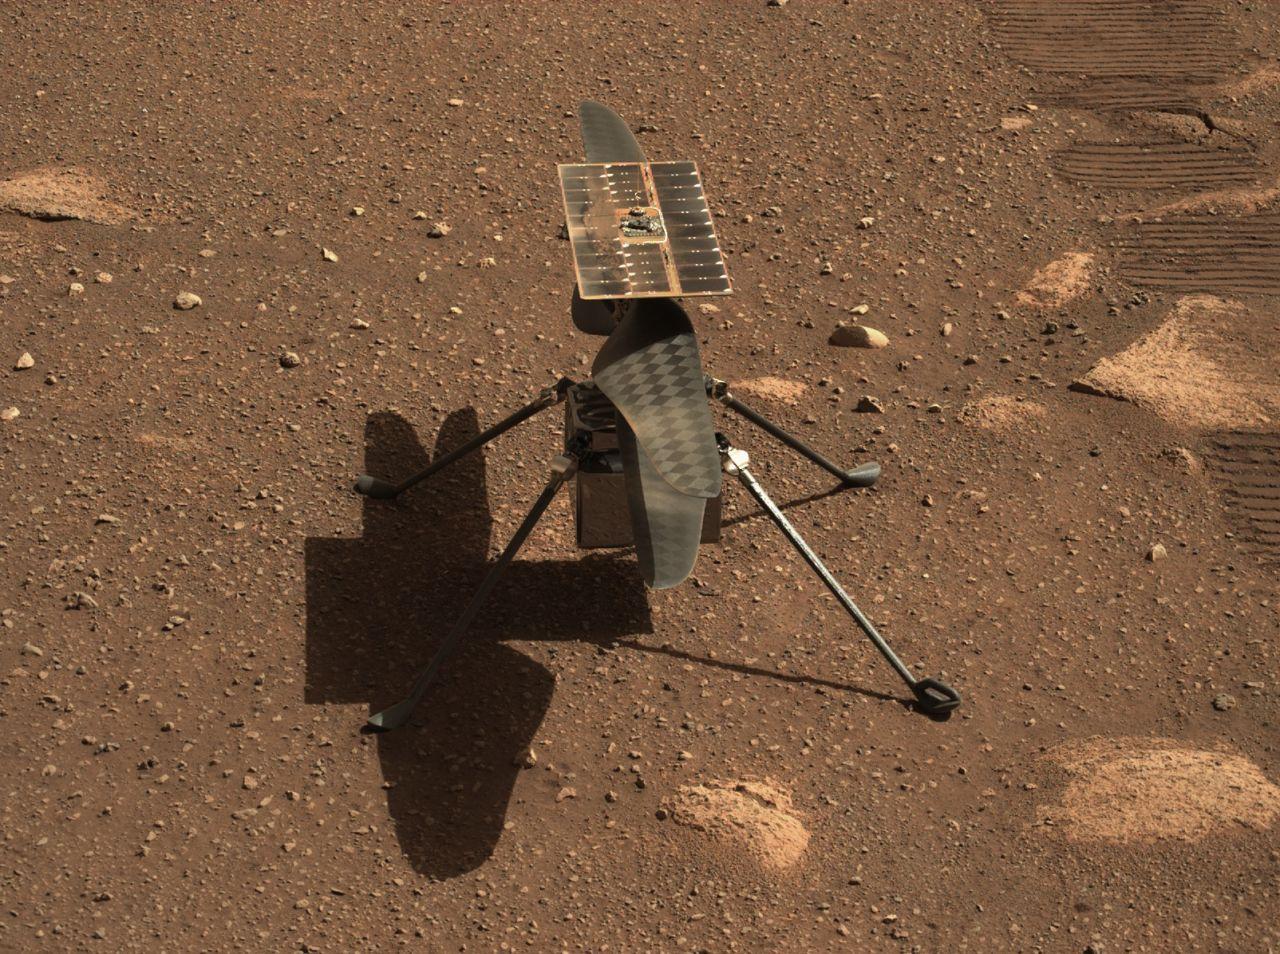 Mars-Hubschrauber Ingenuity auf dem Mars